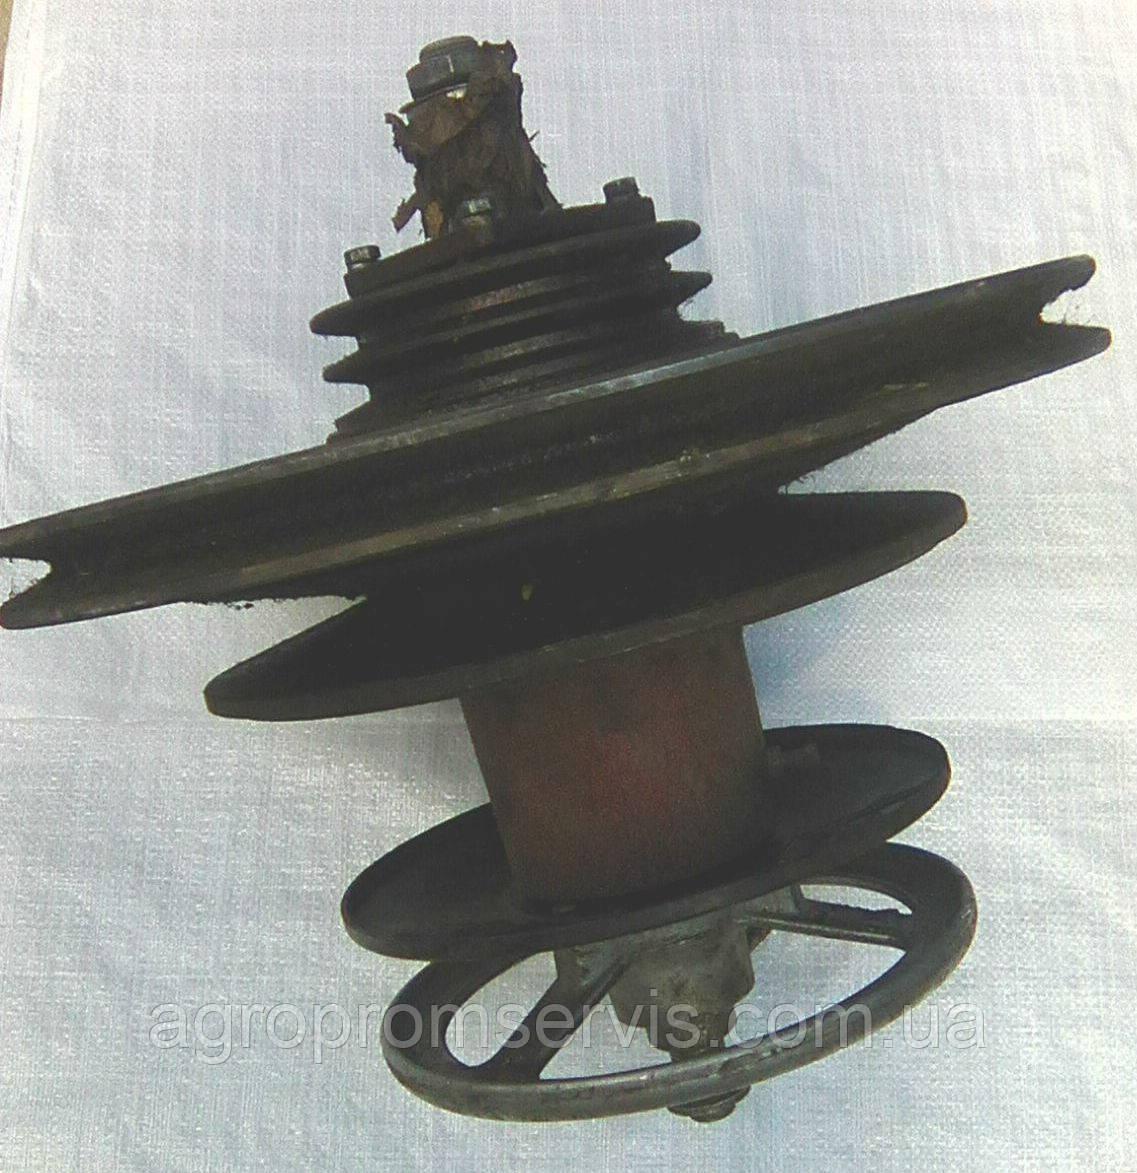 Контрпривод вентилятора механический ДОН-1500А РСМ-10.01.09.000